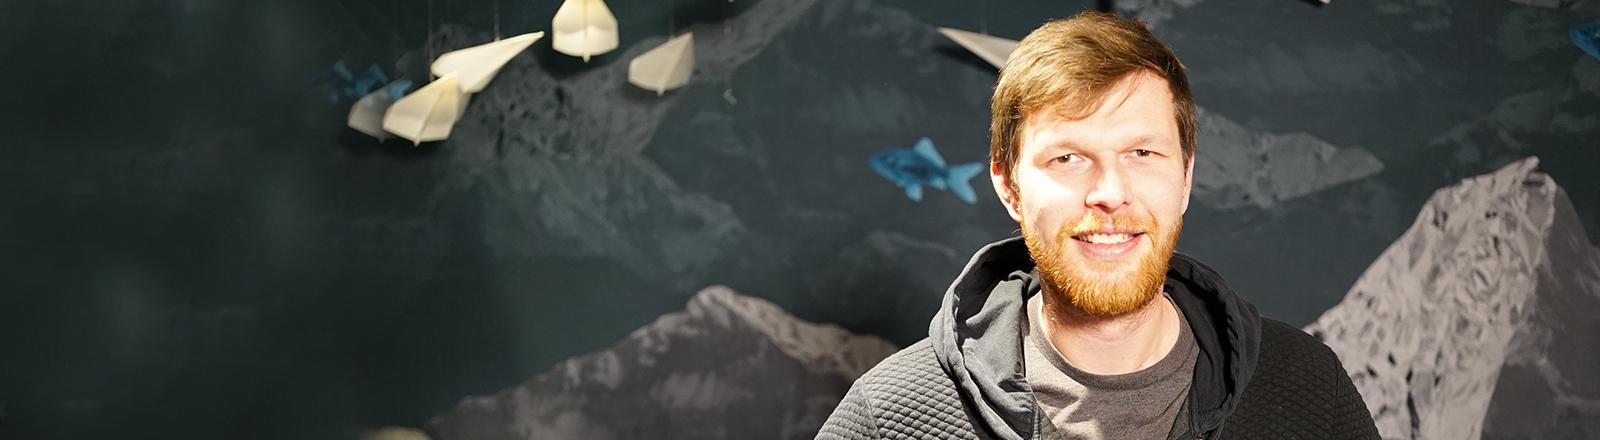 Benjmin Weidel, Gründer von Dealdoktor.de